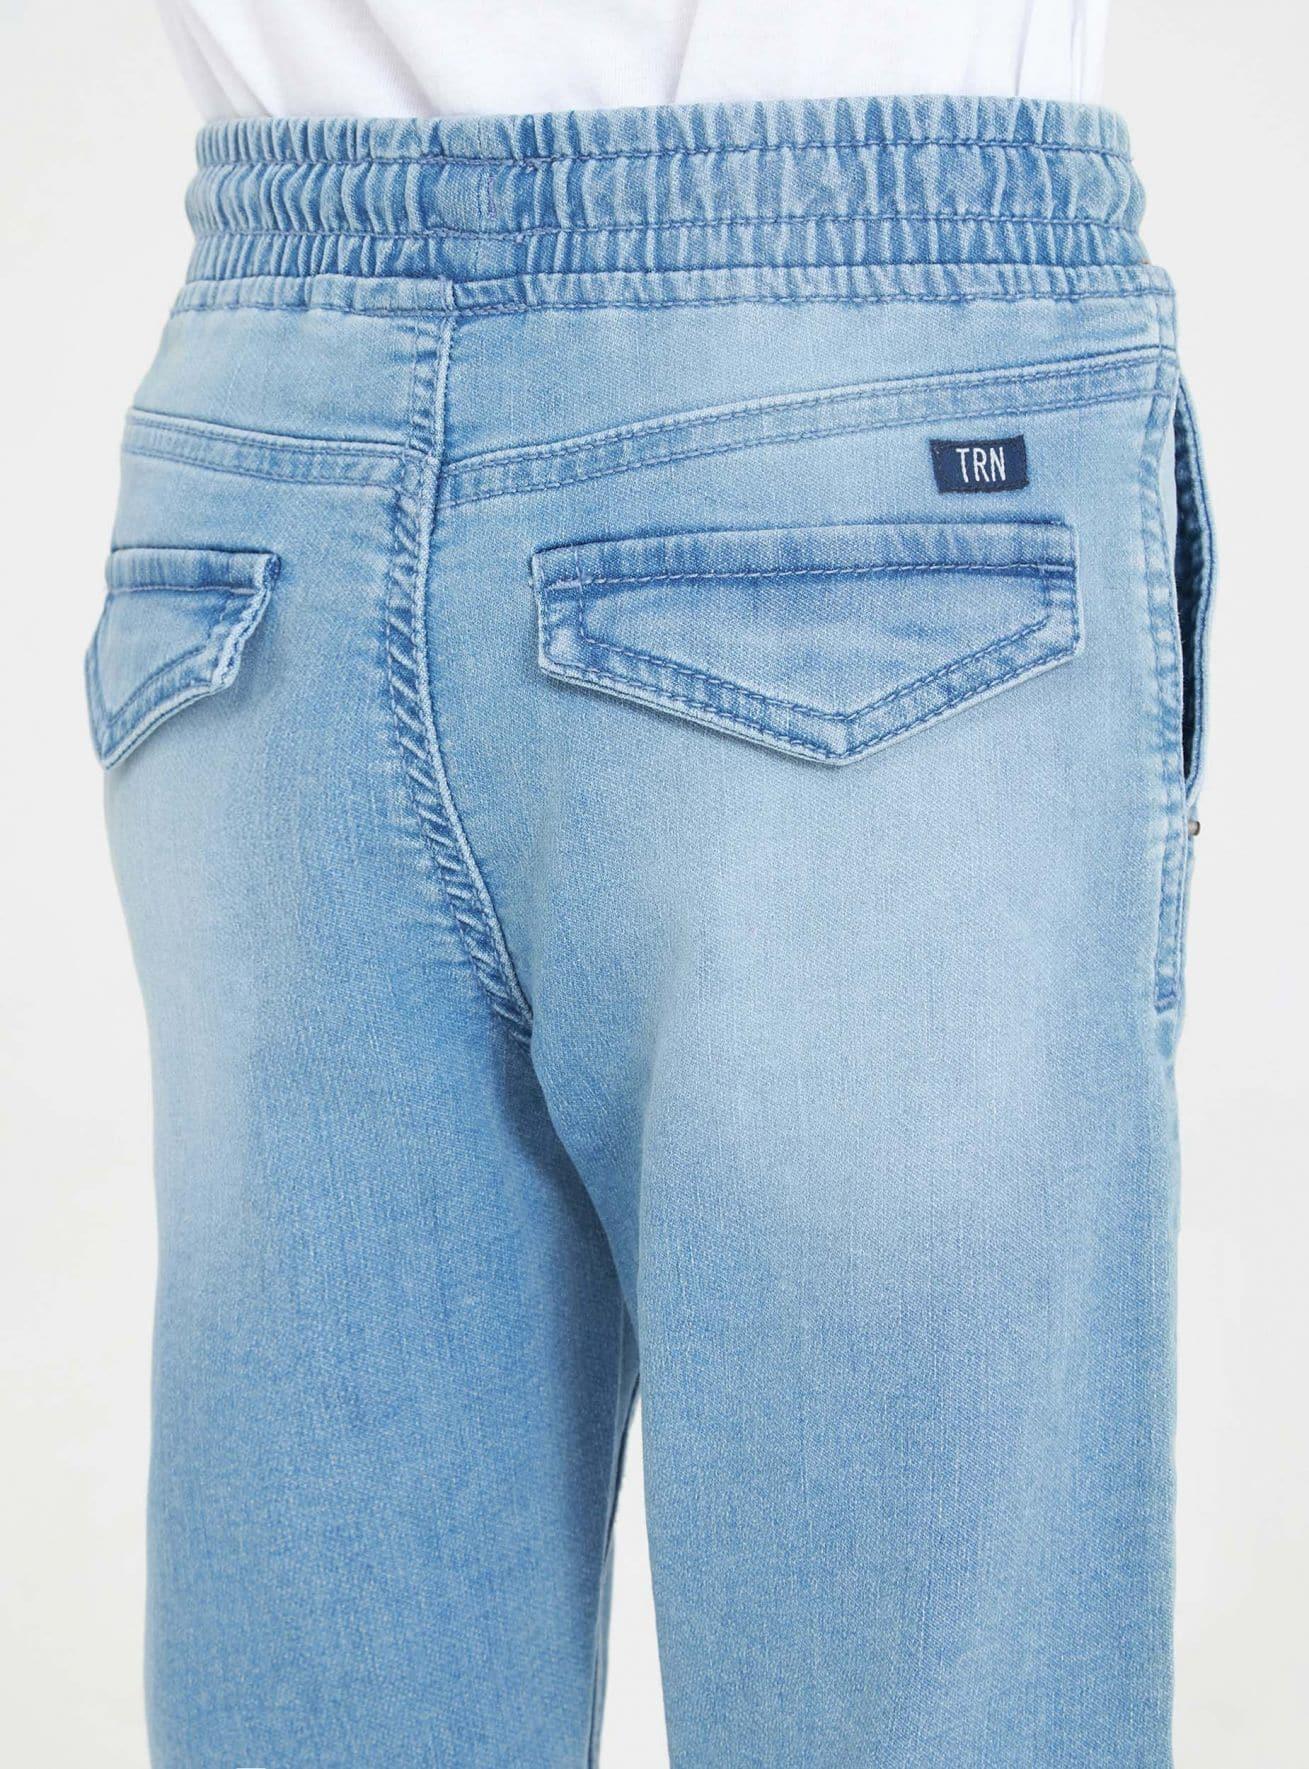 Pantalone Jeans Lungo Bambino Kids